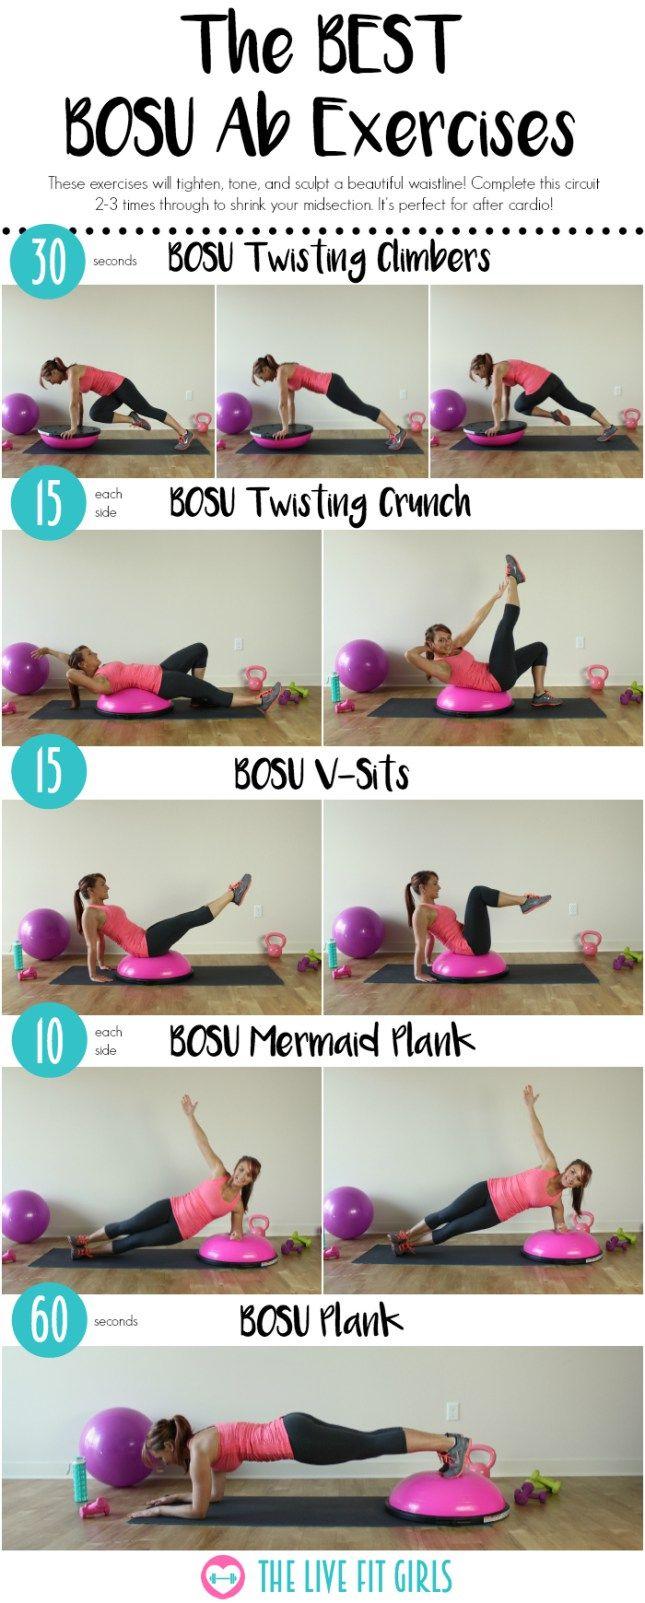 The BEST BOSU Ab Exercises